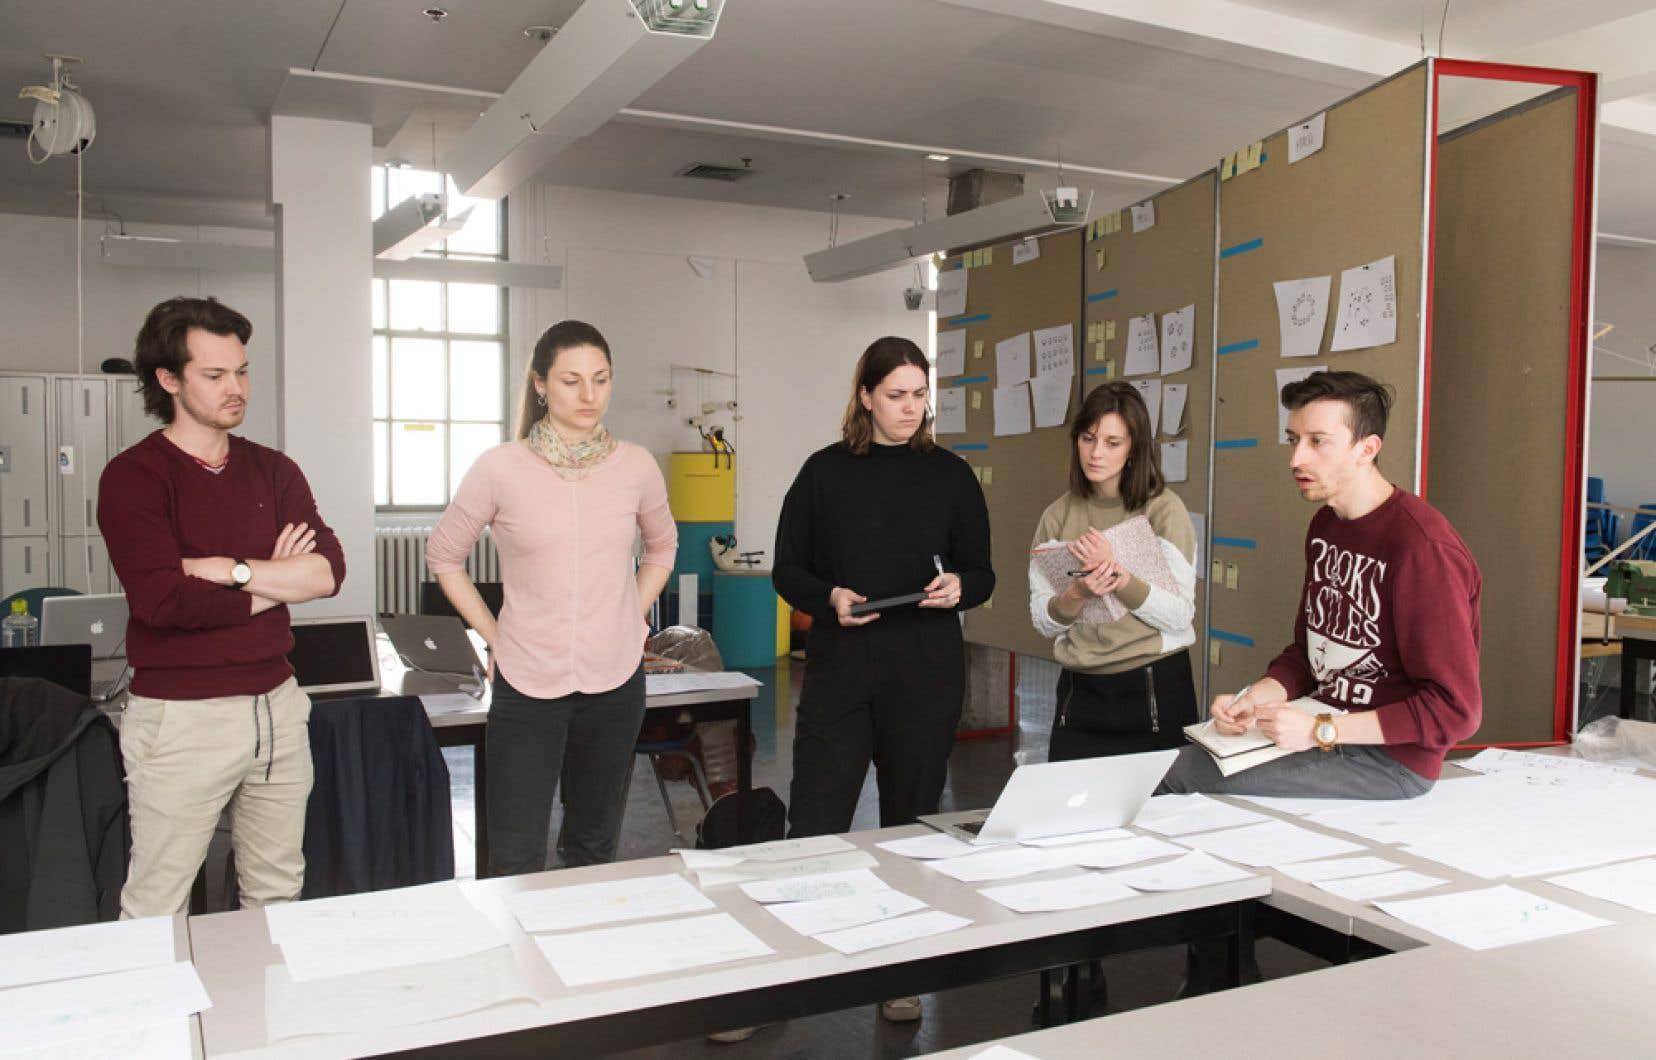 L'équipe d'étudiants lors d'une séance  de travail pour dessiner la  classe de  l'avenir. Ils présenteront  leur concept  final le 20novembre prochain.